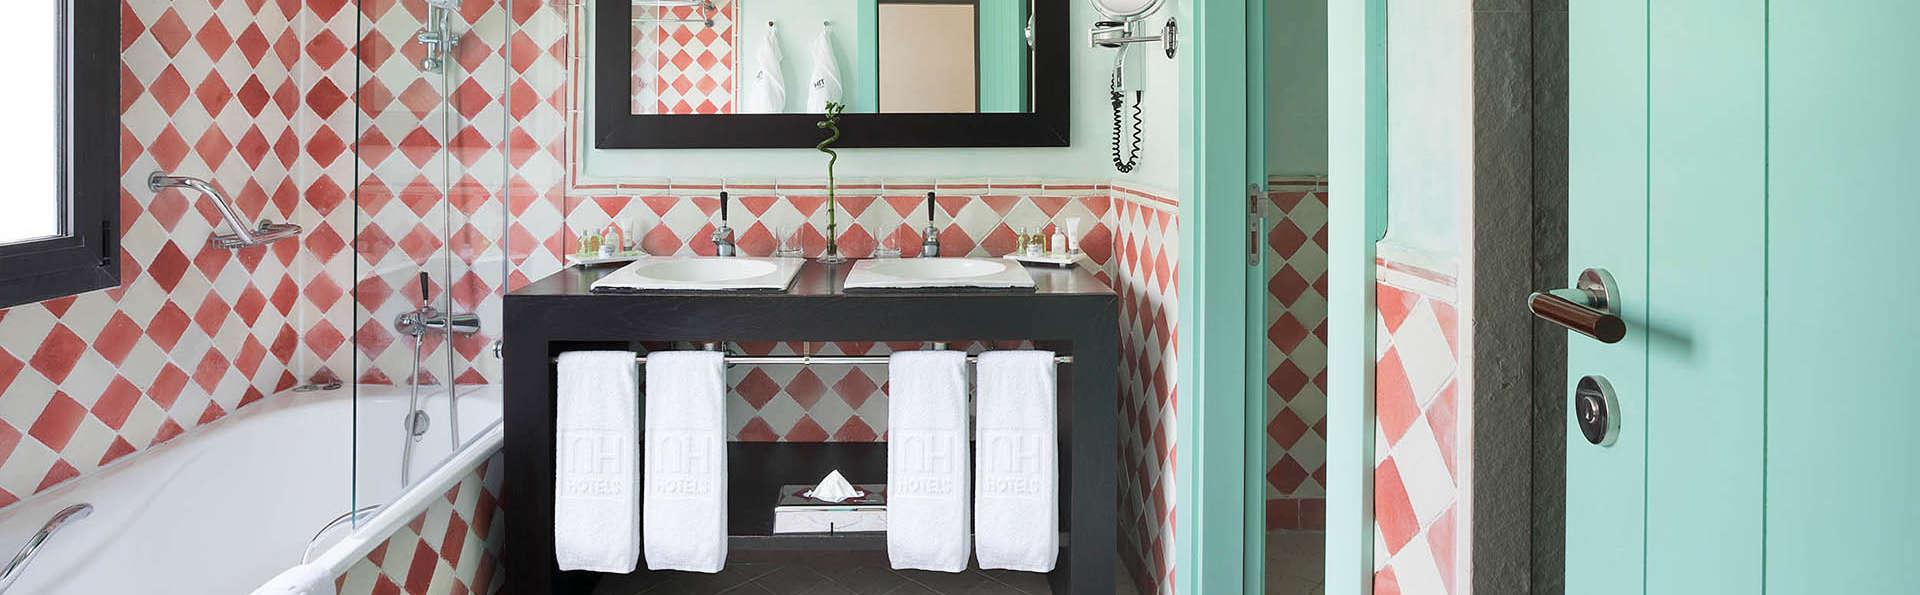 Hotel Encinar de Sotogrande - EDIT_BATHROOM_02.jpg